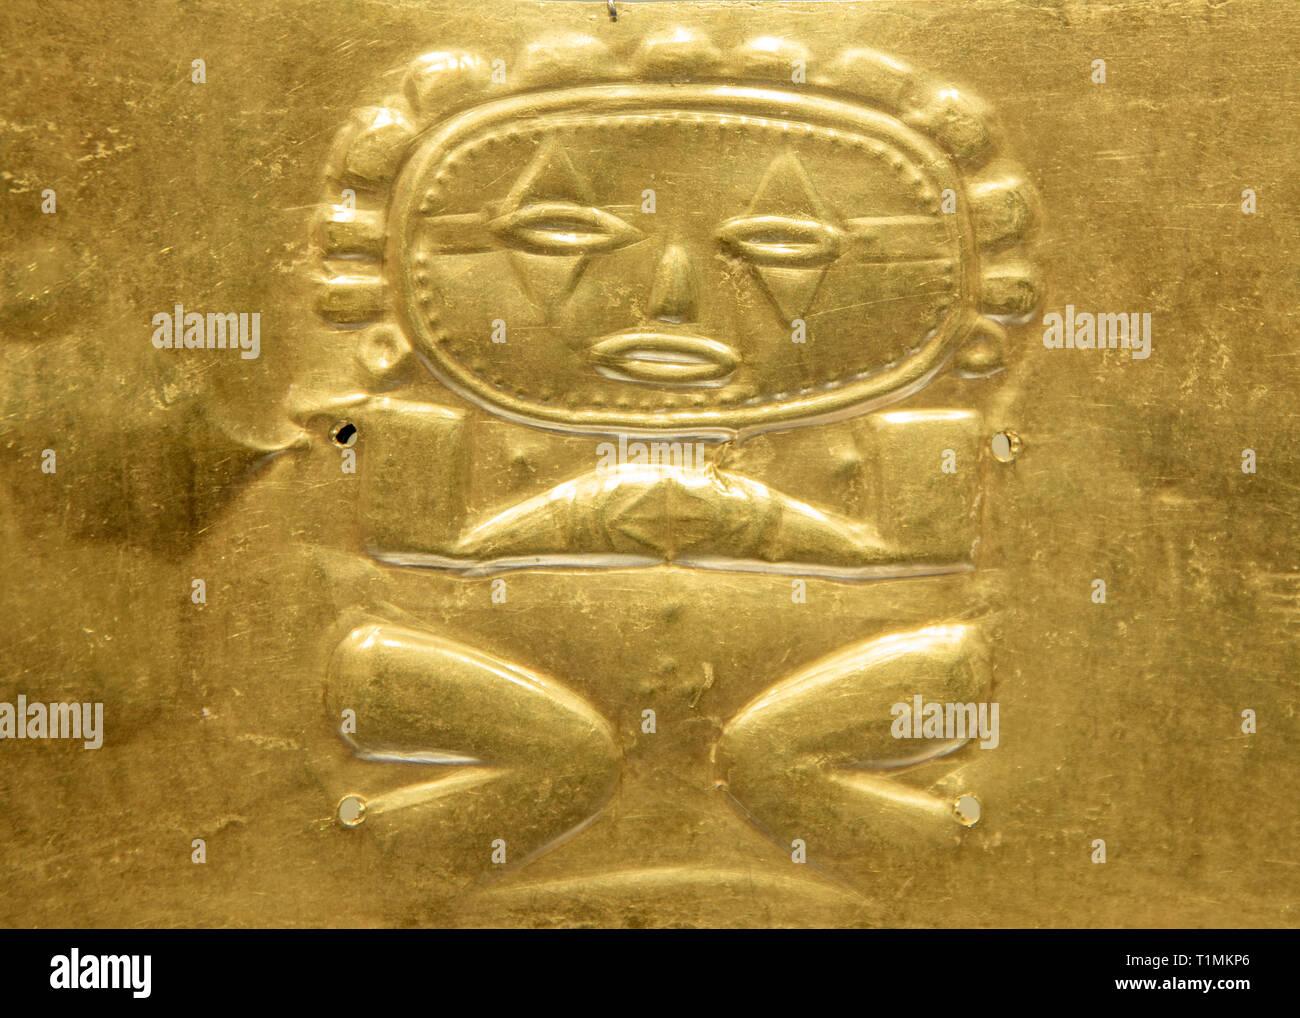 Pré-antique artefact colombien dans le Musée de l'or, de la COLOMBIE, Bogota Photo Stock